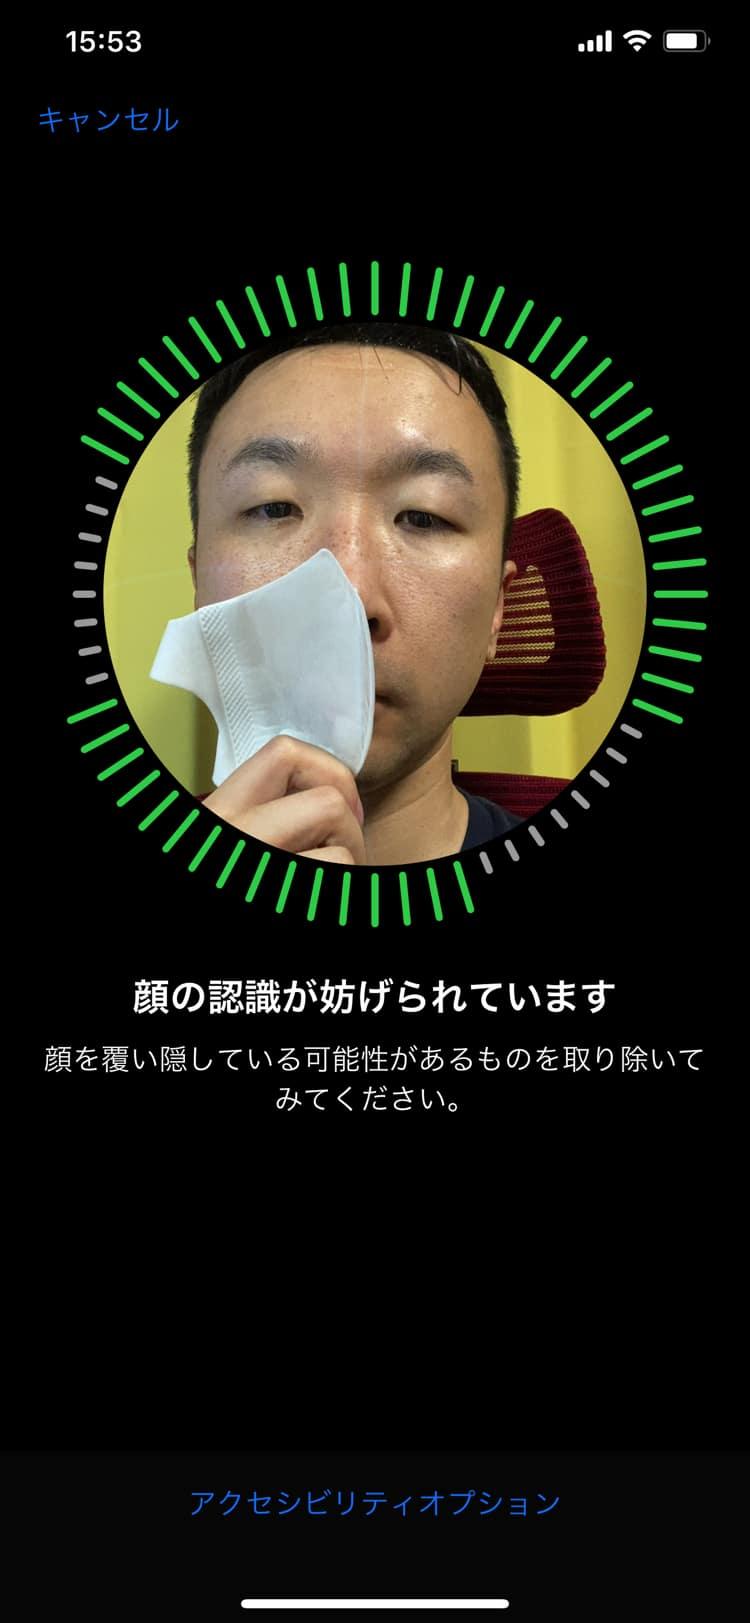 マスクを顔に当てたままの状態ででFace IDを登録